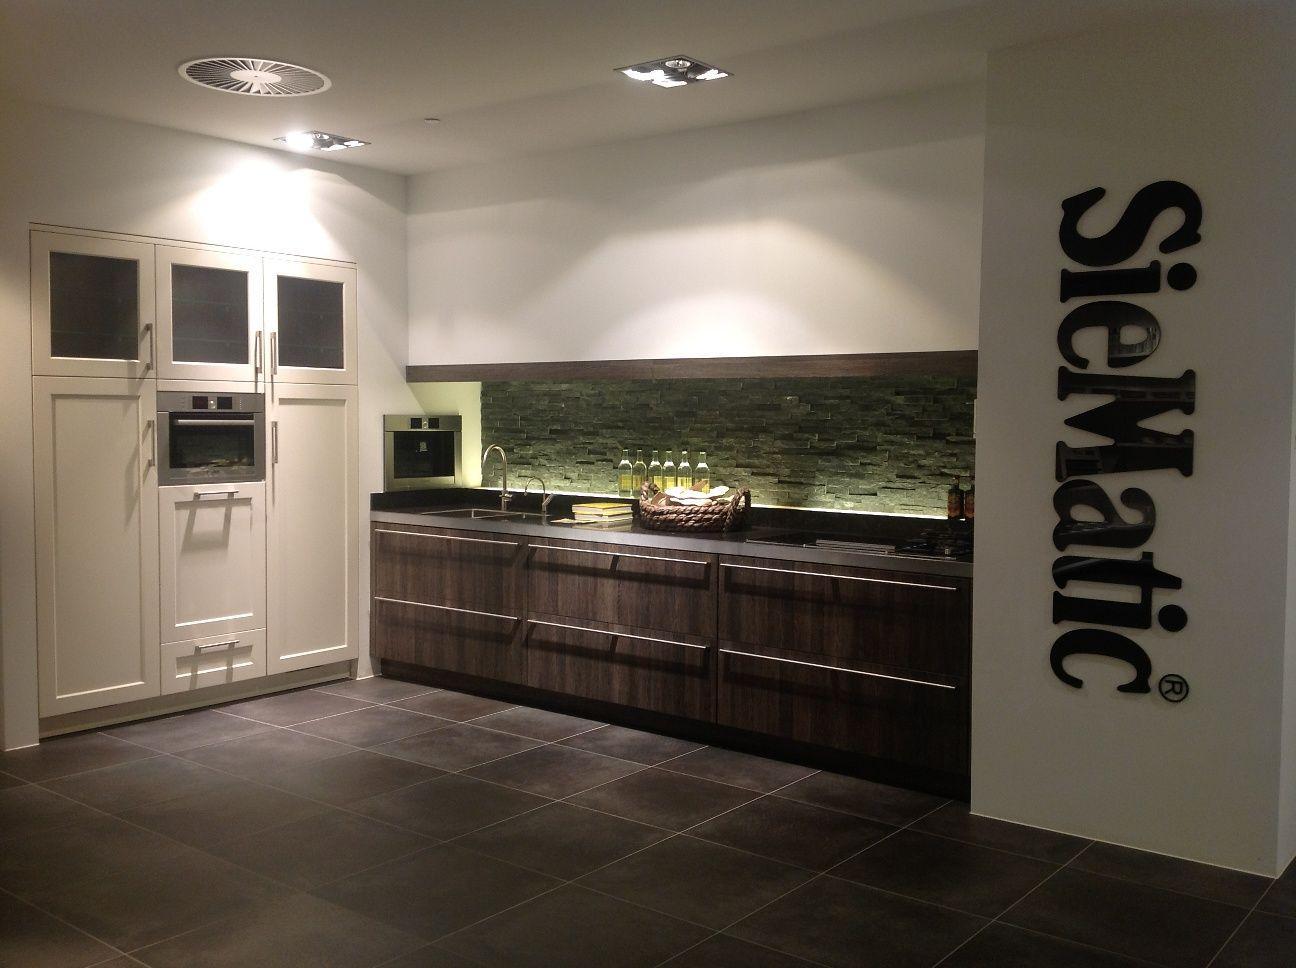 marktplaats siematic : Showroomkorting Nl De Voordeligste Woonwinkel Van Nederland